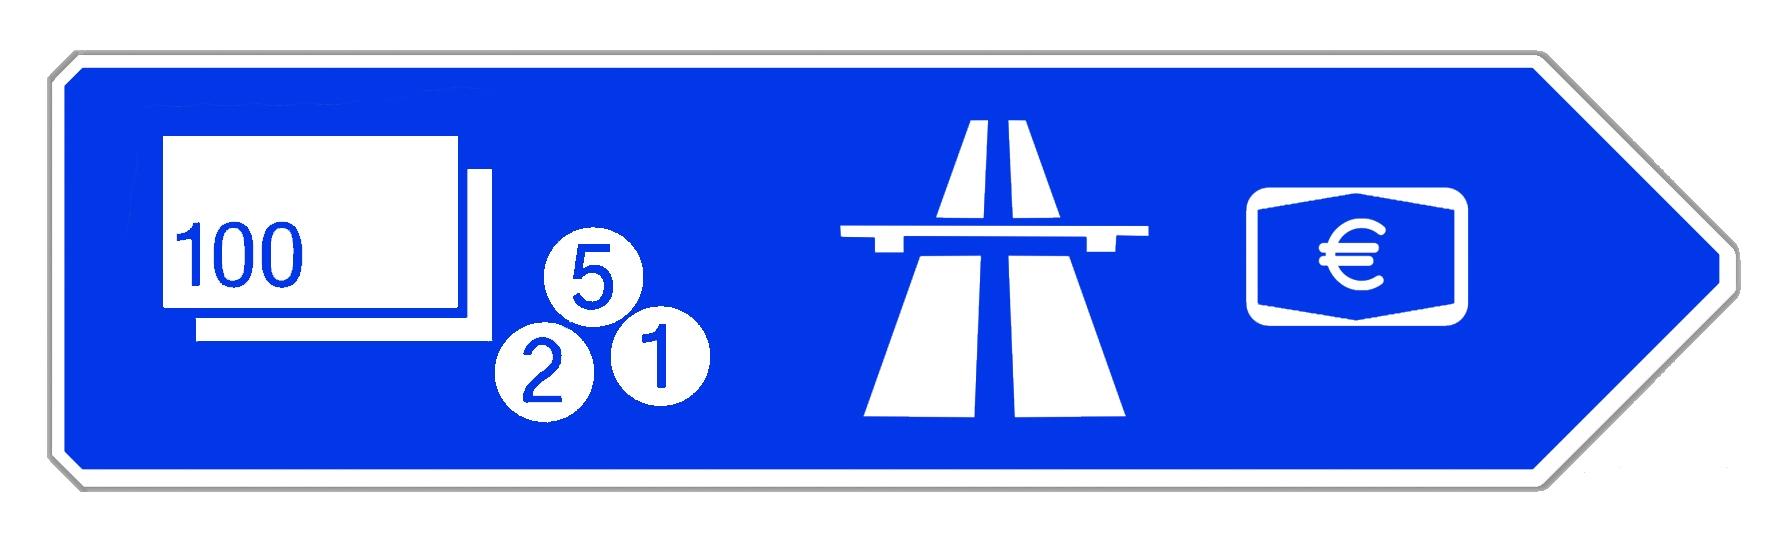 Euro-Autobahn